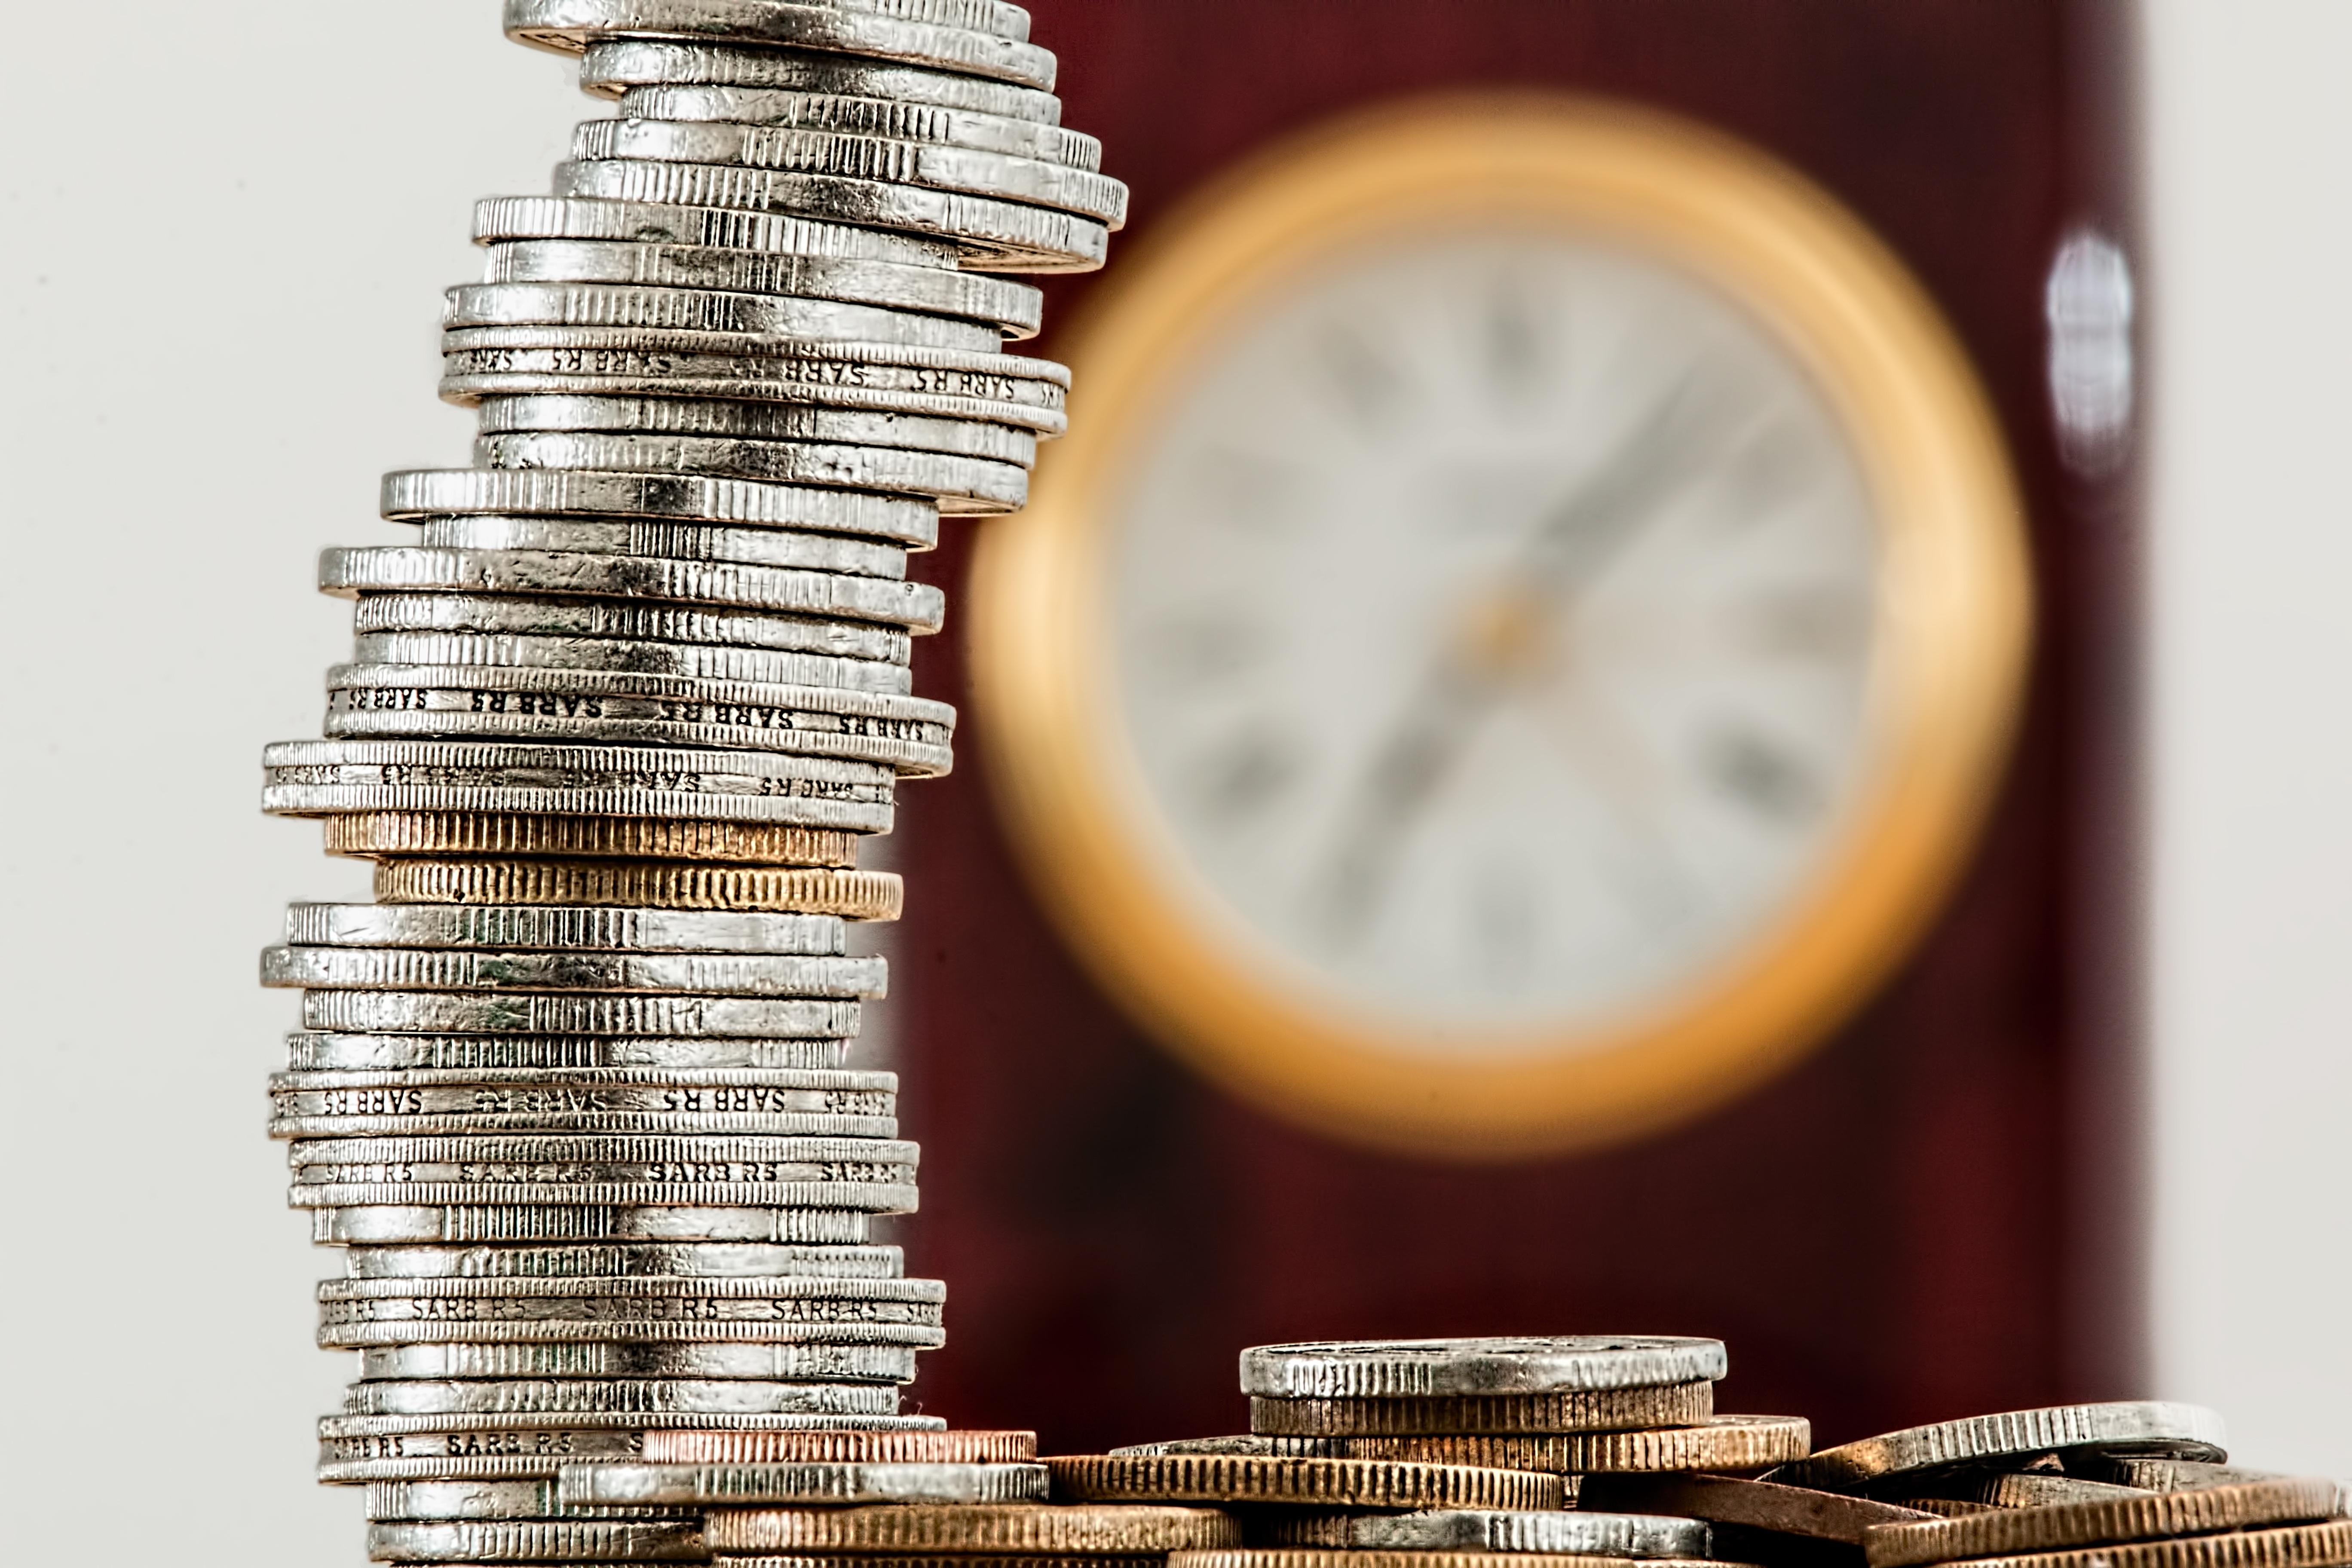 Vergilerini Ödemekte Zorlananlara Öneriler (Bu bülten Vergi Algı'da yayınlanmıştır)